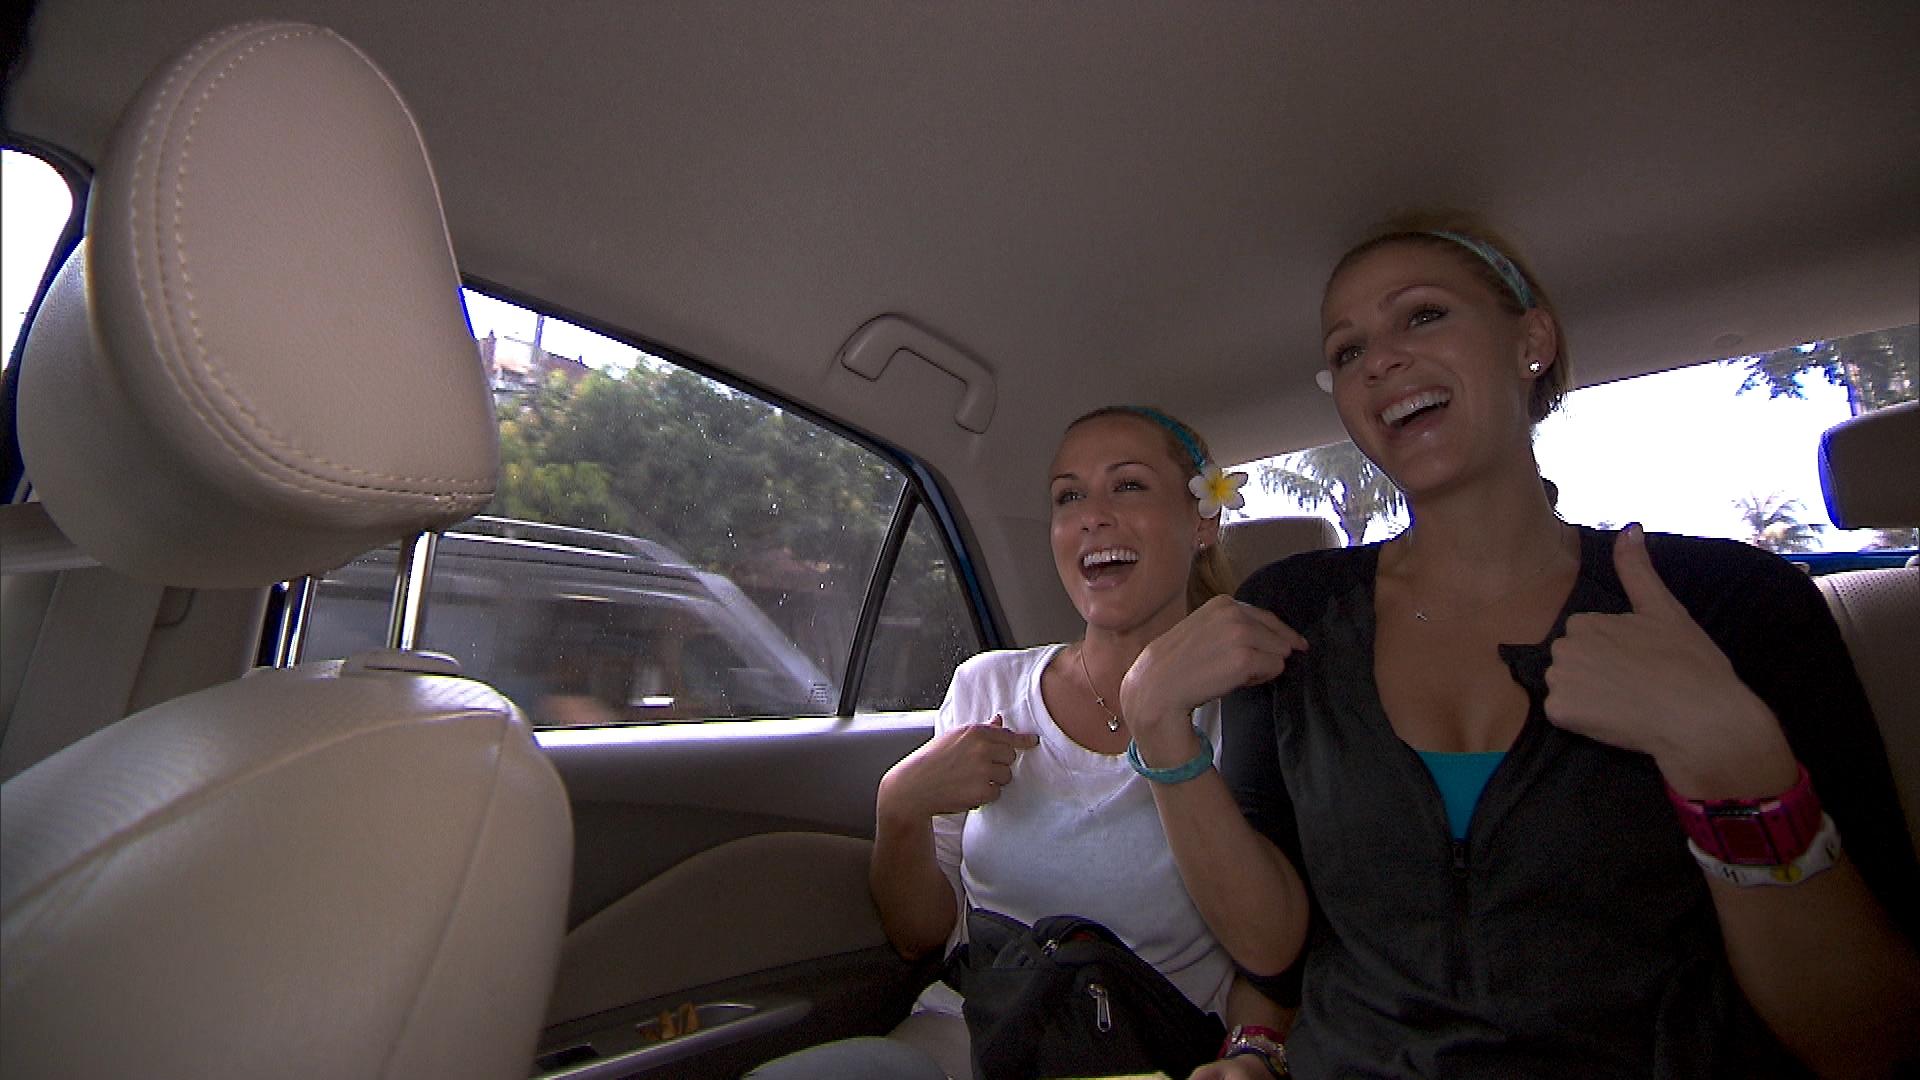 Caroline and Jennifer in